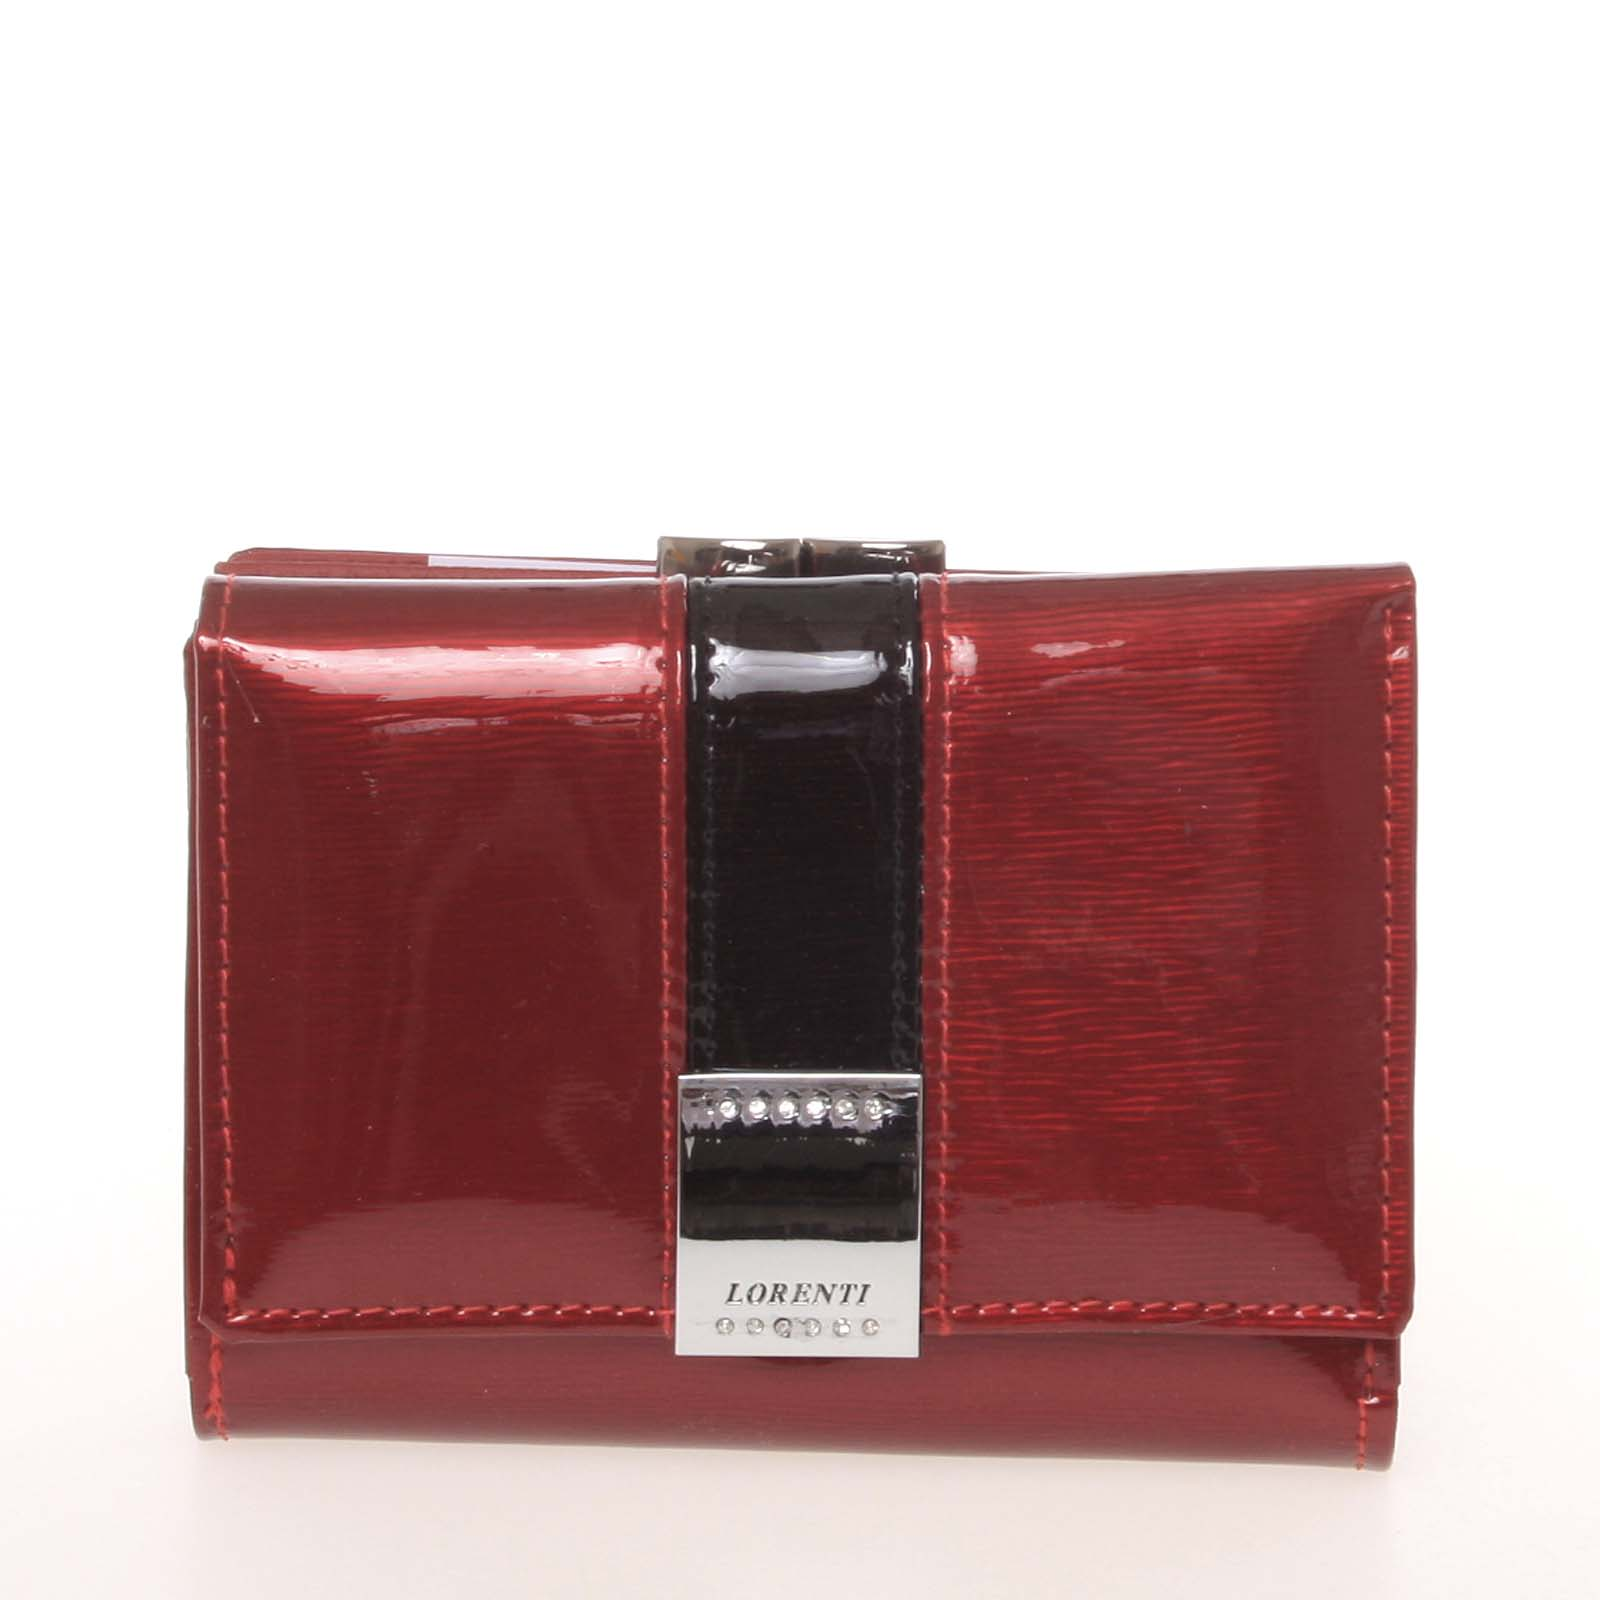 Moderná lakovaná červená dámska peňaženka - Lorenti 1509SH červená ... 6ceddbd37cc